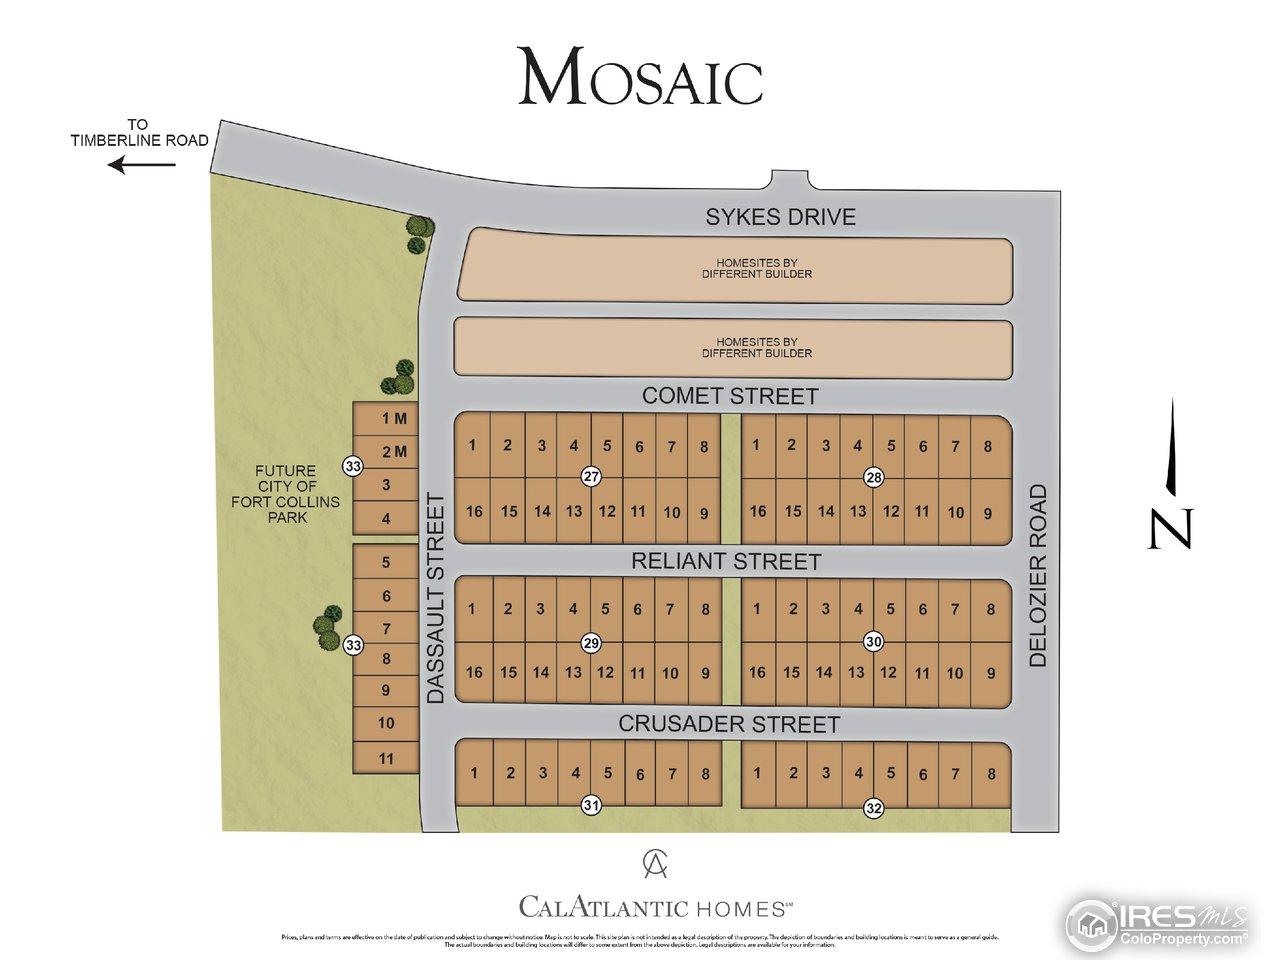 Mosaic site plan